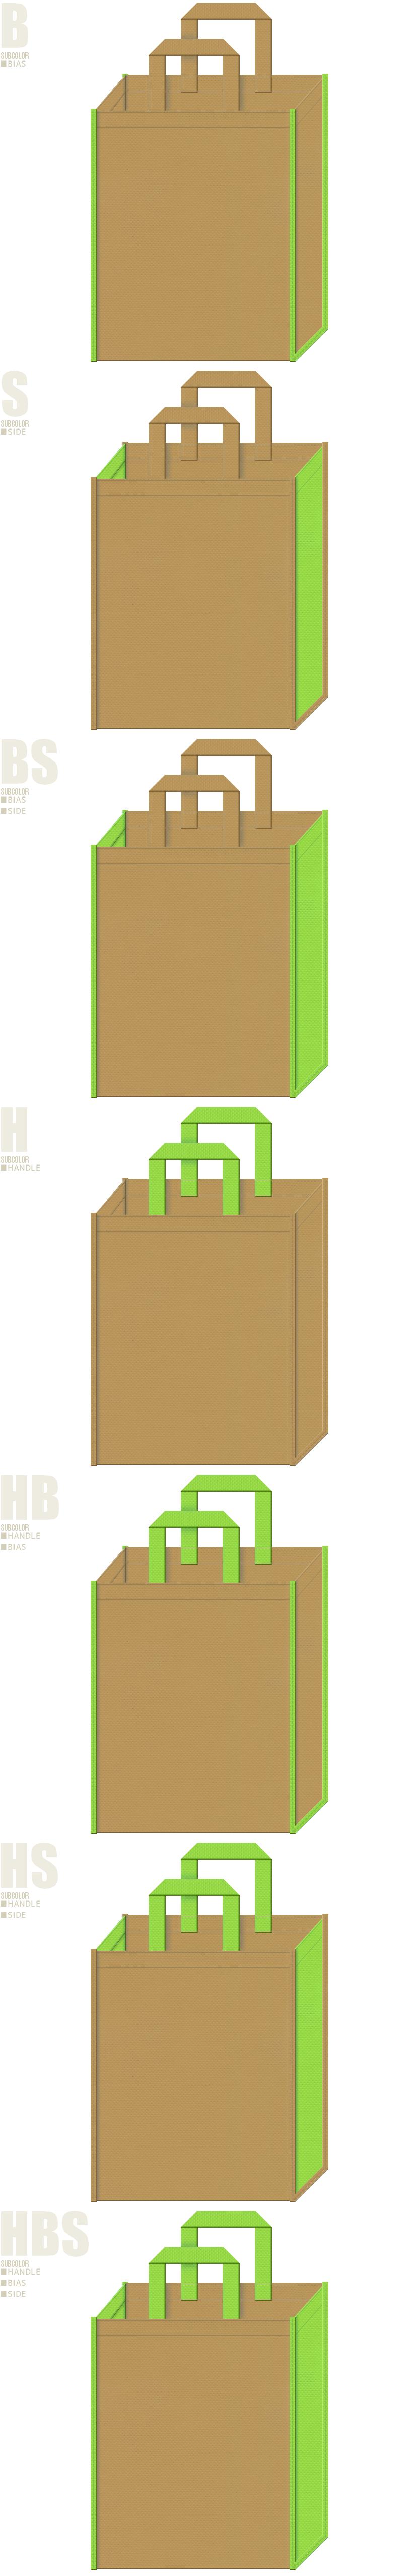 種苗・園芸用品・牧場・キウイフルーツのイメージ・DIYの展示会用バッグにお奨めの不織布バッグデザイン:金黄土色と黄緑色の不織布バッグ配色7パターン。